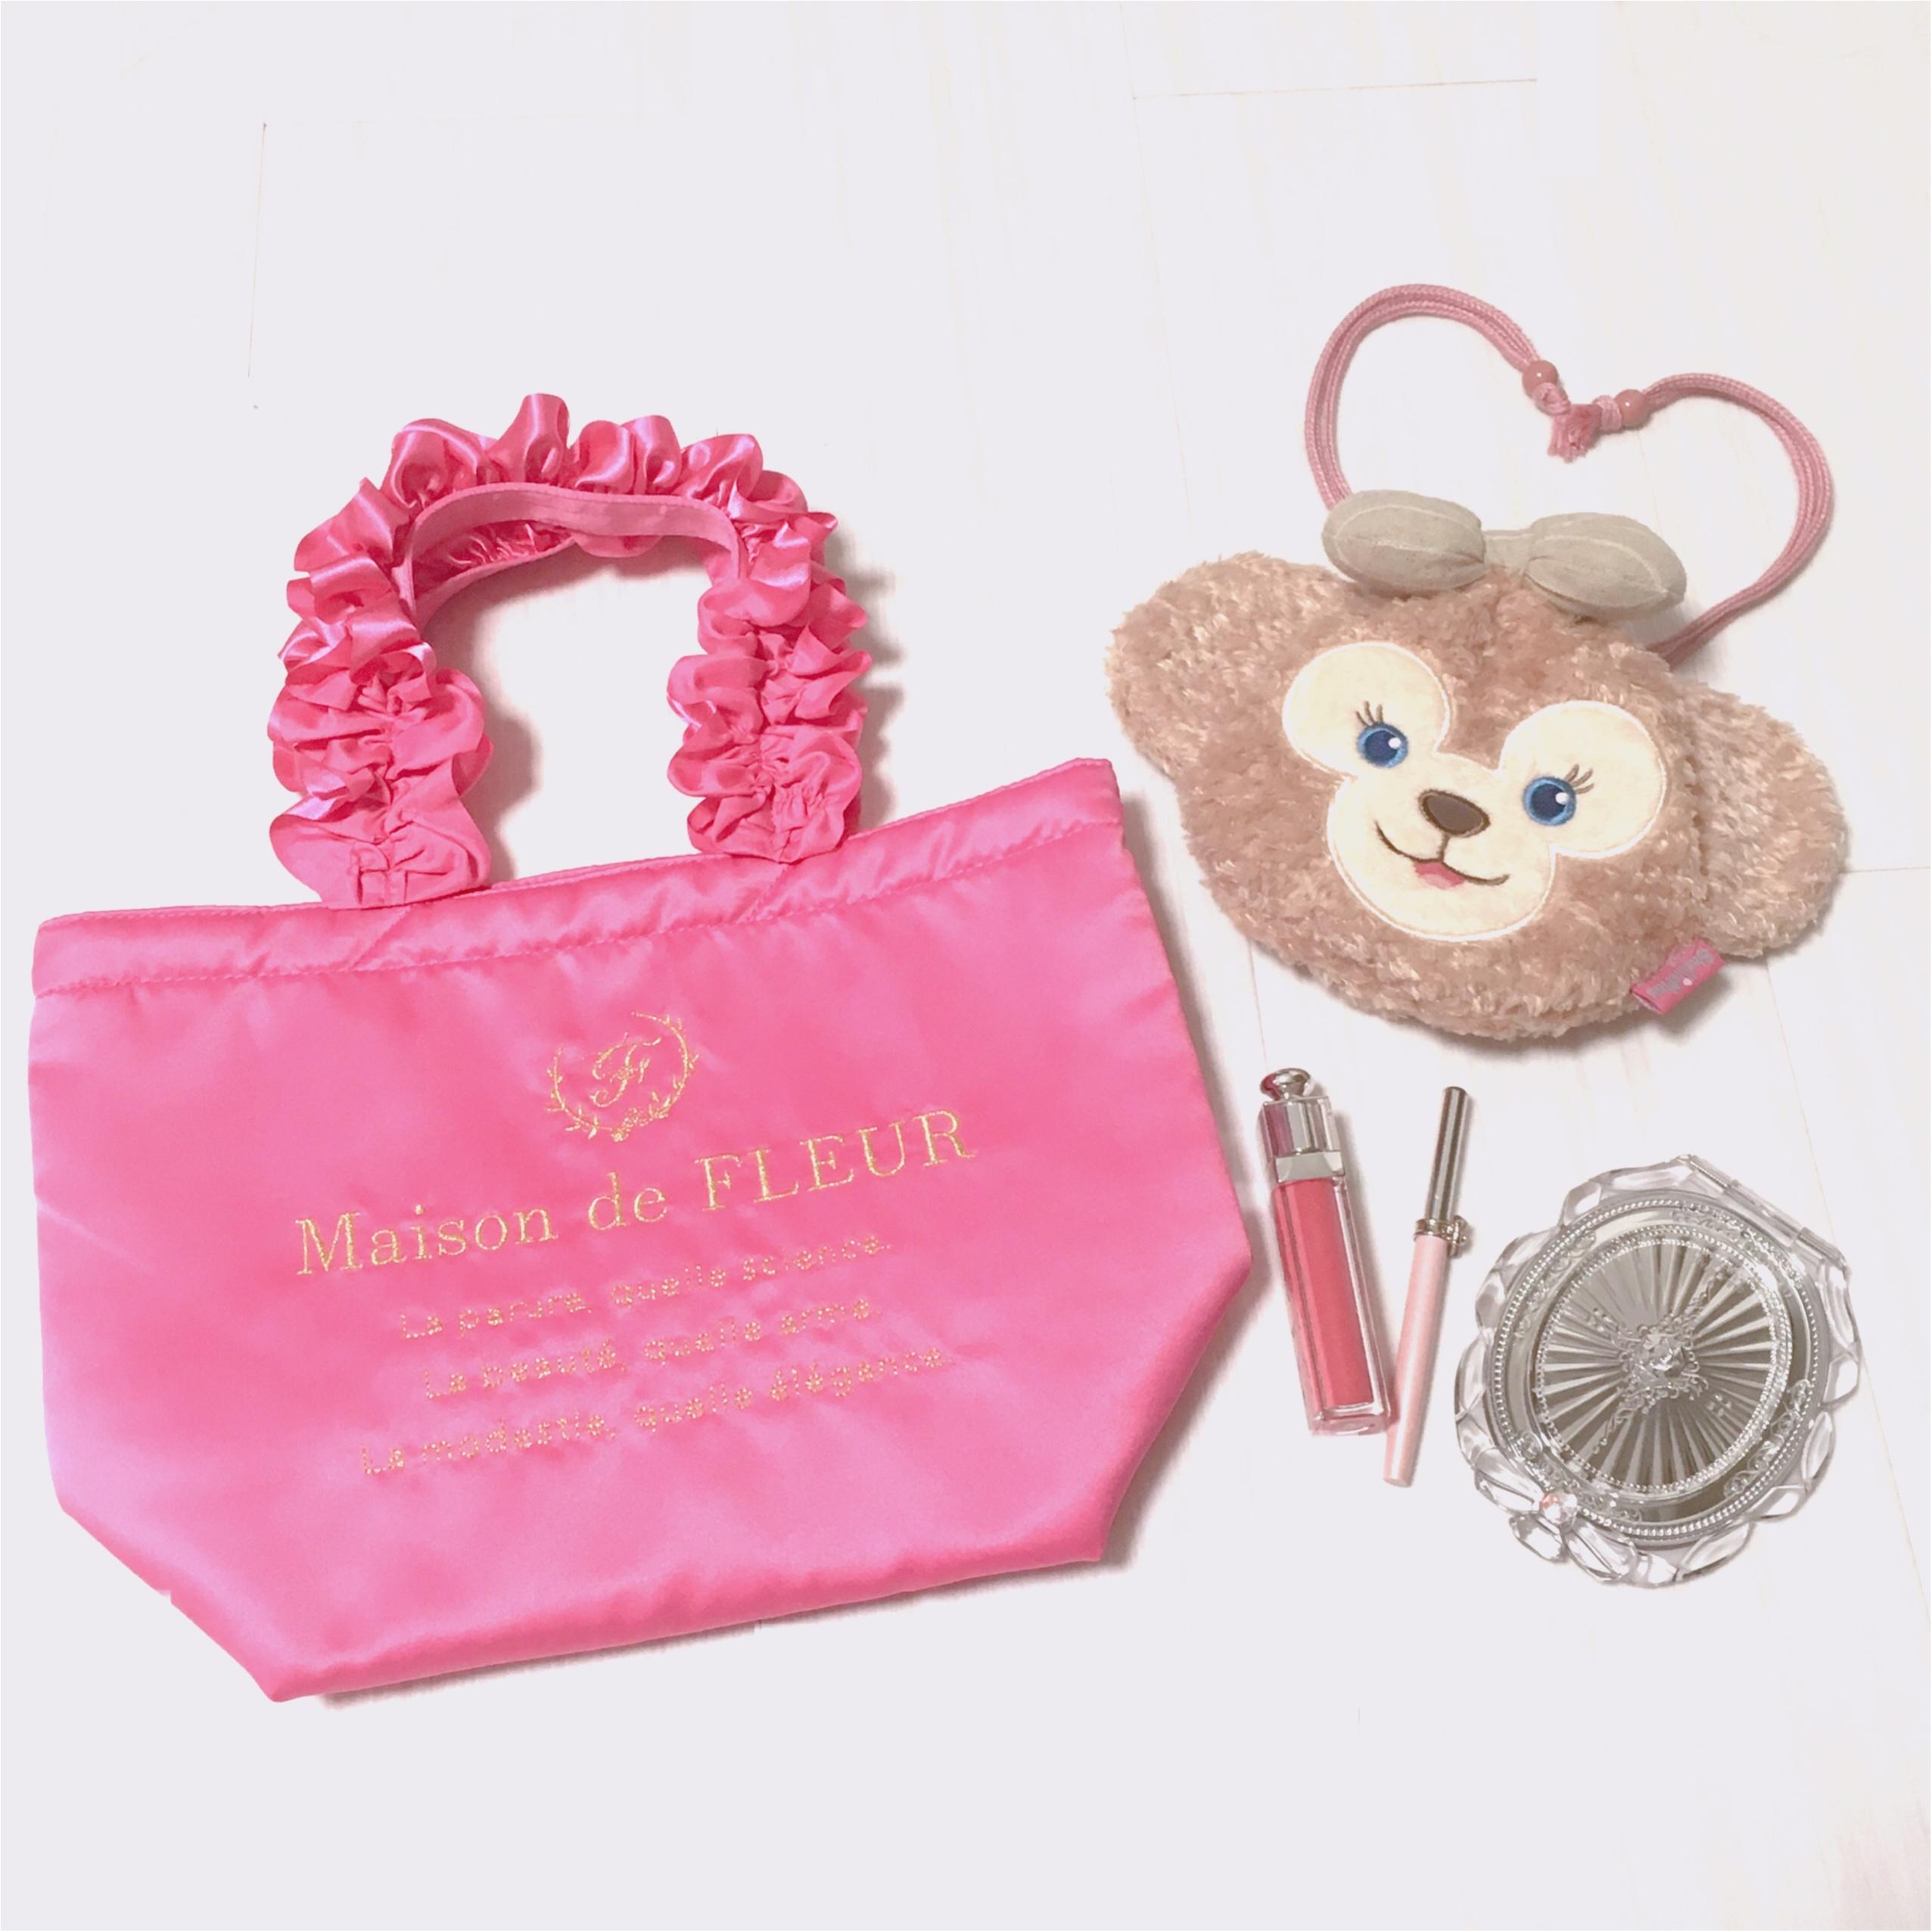 大人気!ピンクに囲まれる幸せ ♡ メゾンドフルールの《 ピンクマニア 》をGetしました♡_1